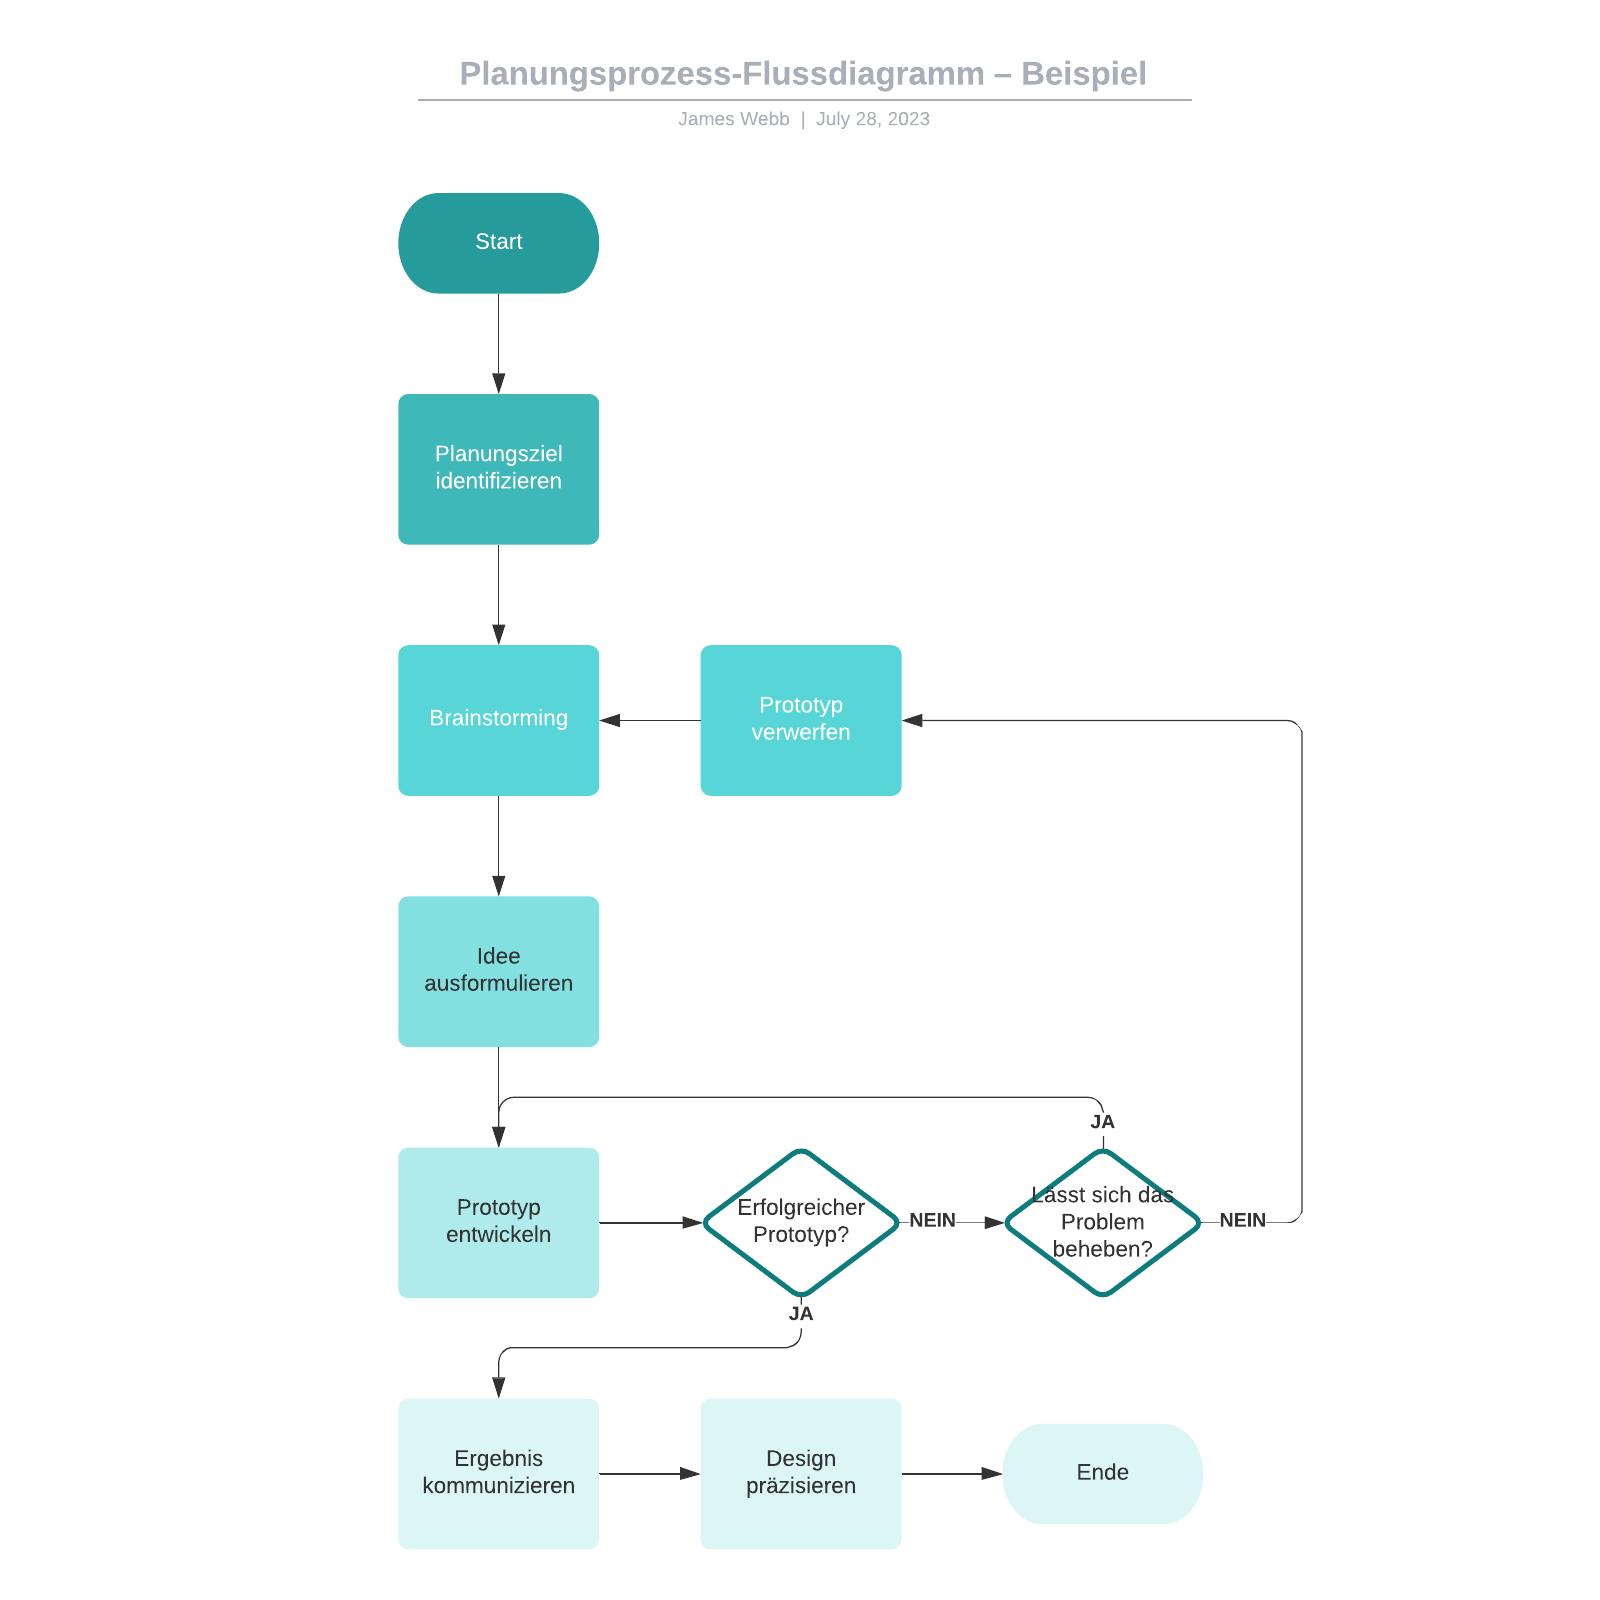 Planungsprozess-Flussdiagramm – Beispiel